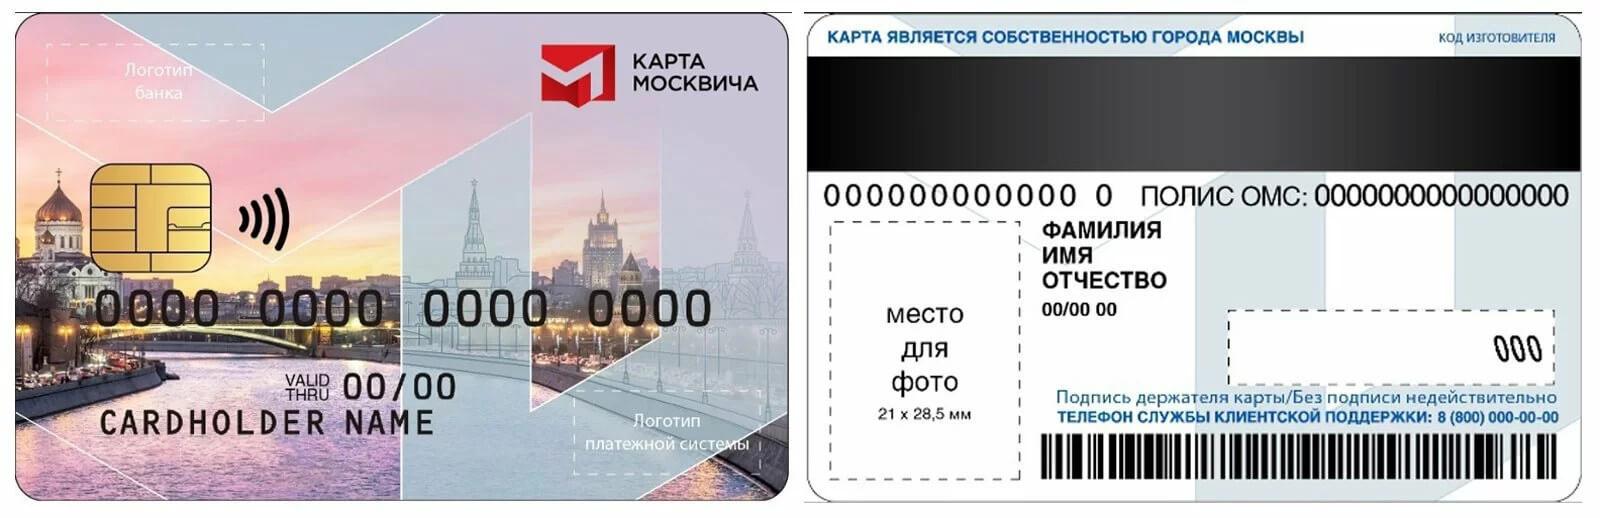 Карта москвича